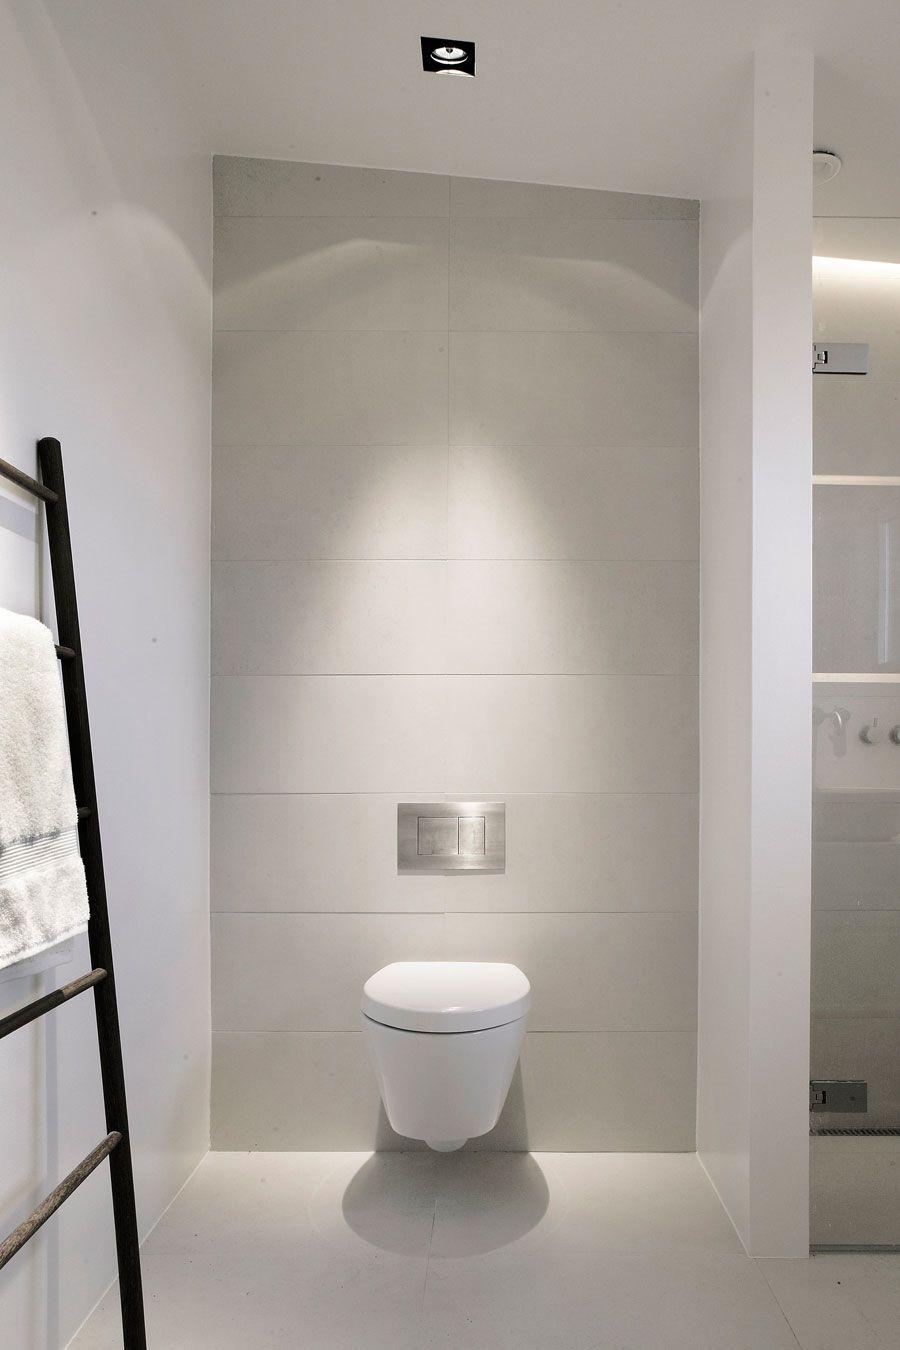 Carrelage Salle De Bain Gris Clair carrelage gris clair | deco wc, idée toilettes et salle de